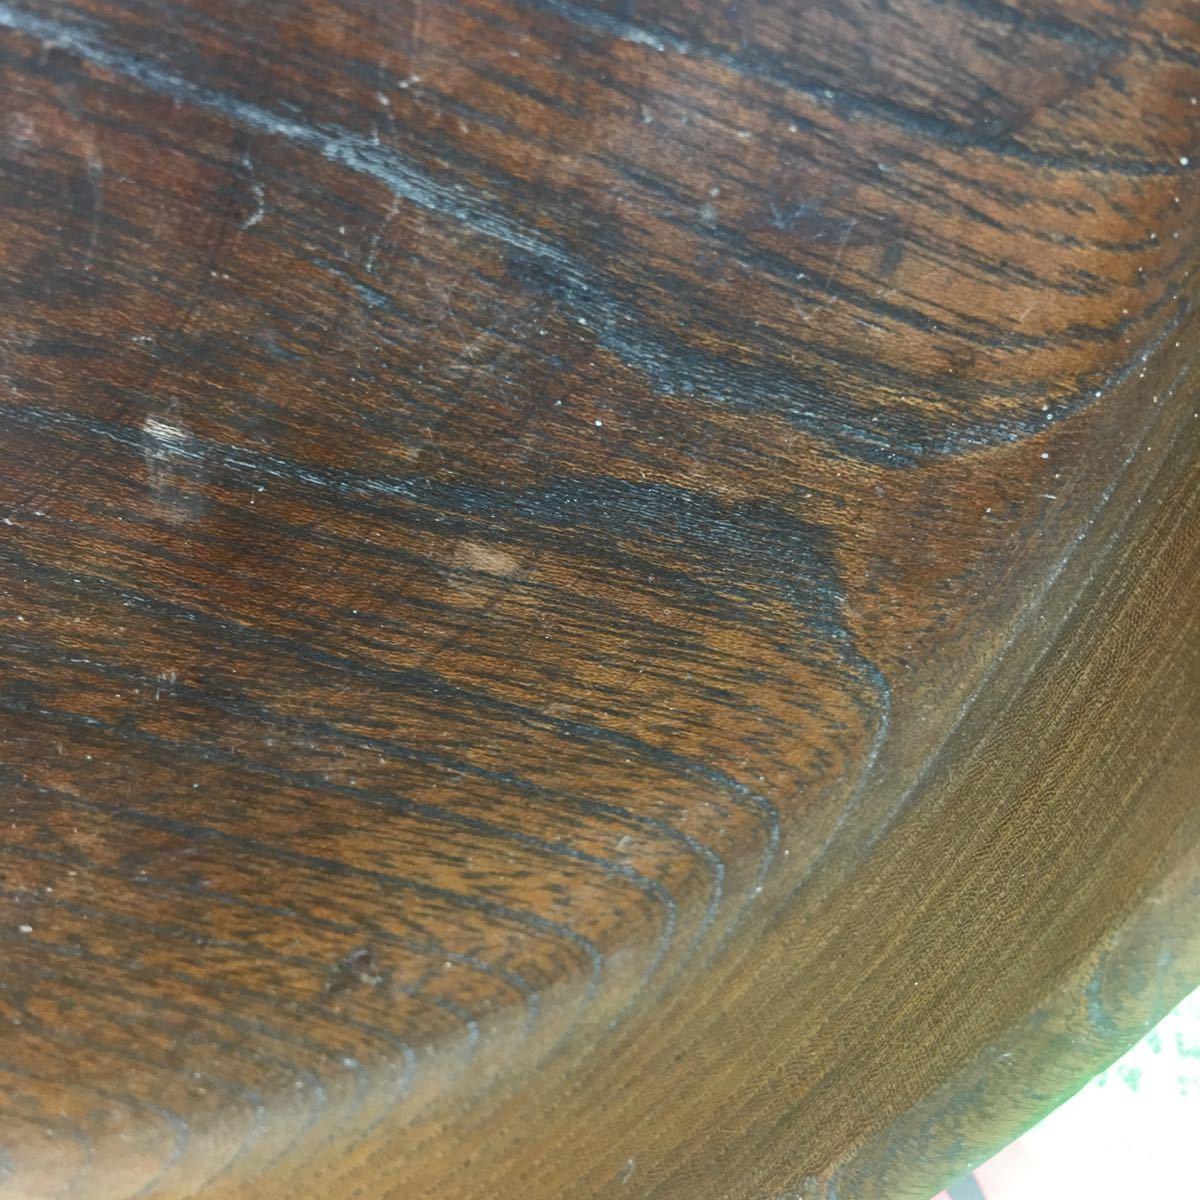 丸盆 煎茶道具 お盆 無垢材木目が美しい煎茶盆 刳り貫き茶盆 時代古民具 古美術 古道具 直径約24cm_画像4